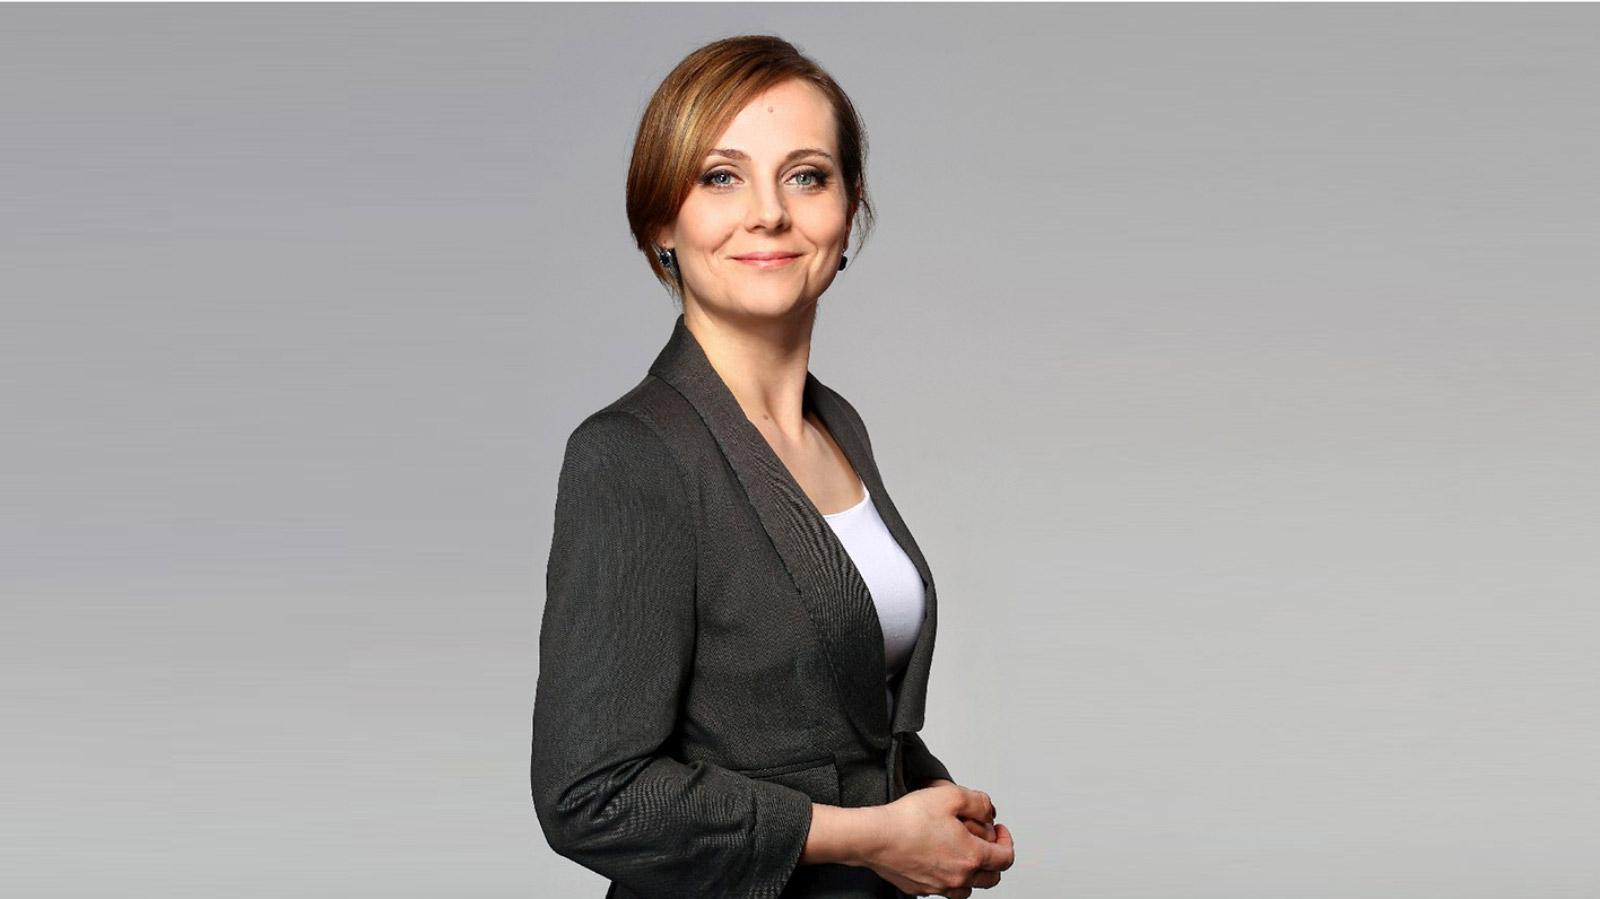 AVIVA z nową Dyrektor Marketingu i Cyfryzacji Marta Strzyżewska mediarun Marta Strzyzewska foto aviva CMO 2020